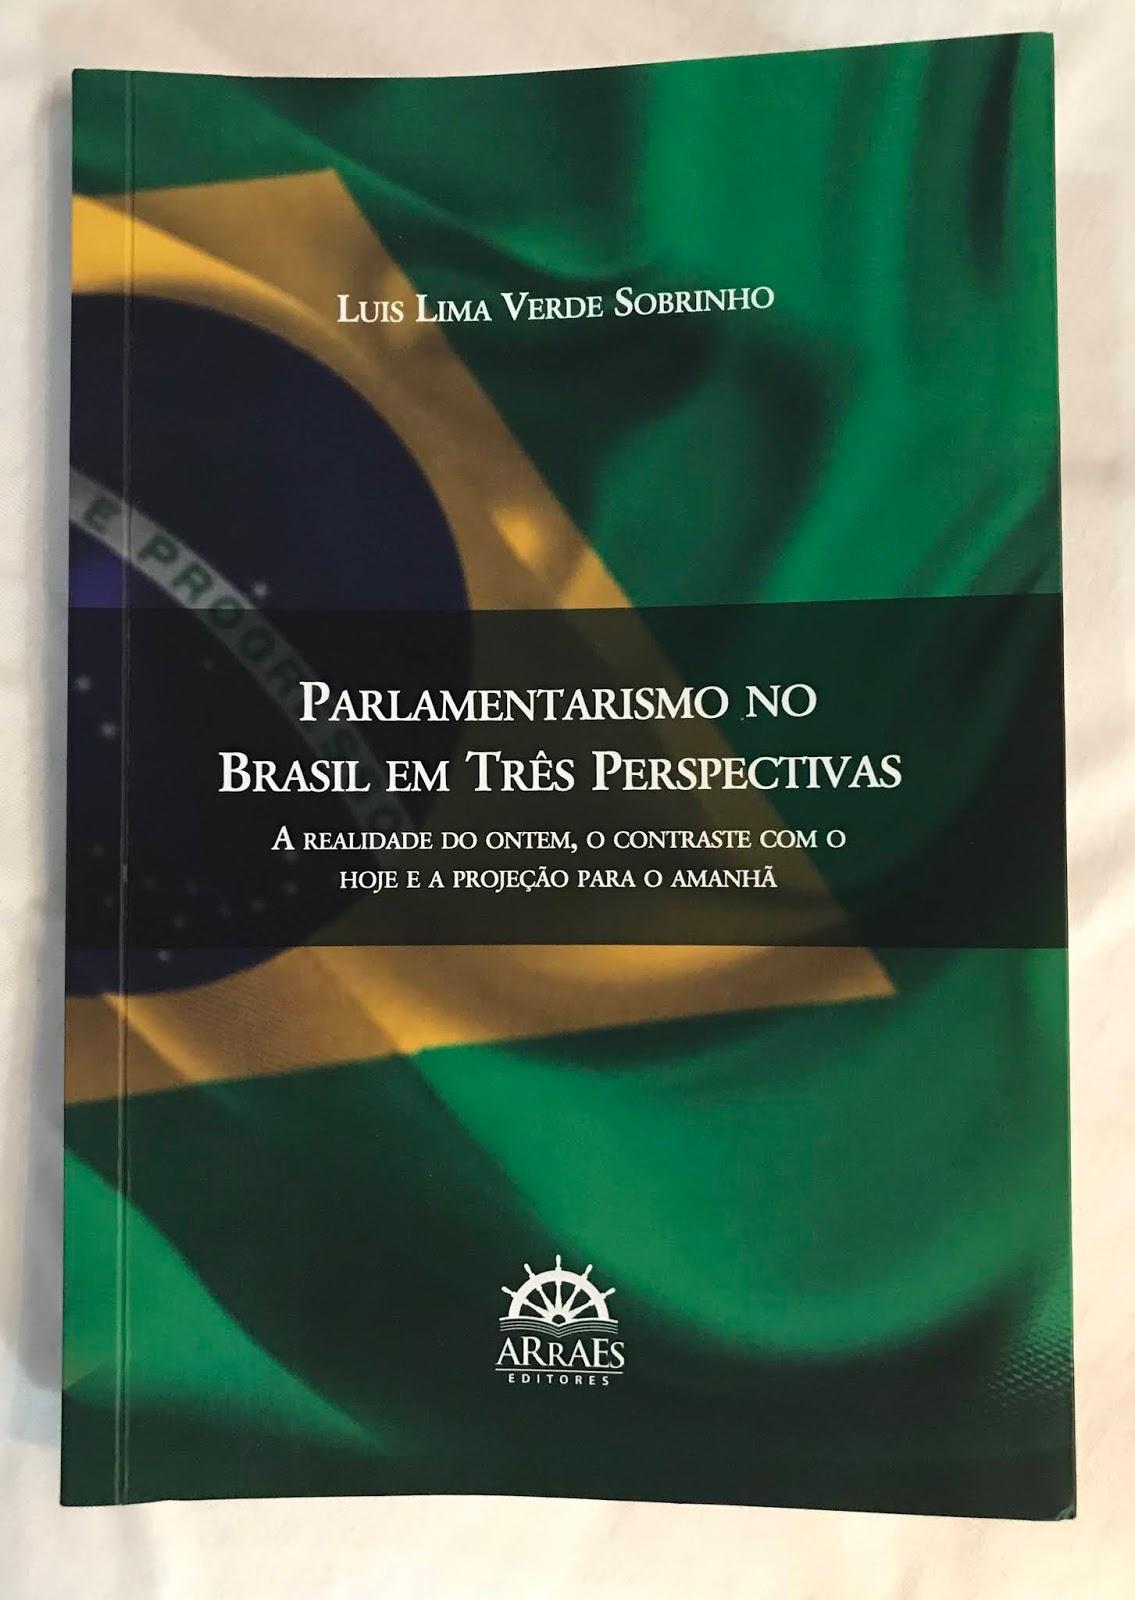 30 anos da constituio destaque em livro de cearense lanamento do livro parlamentarismo no brasil em trs perspectivas a realidade do ontem o contraste com o hoje e a projeo para o amanh luis lima fandeluxe Gallery